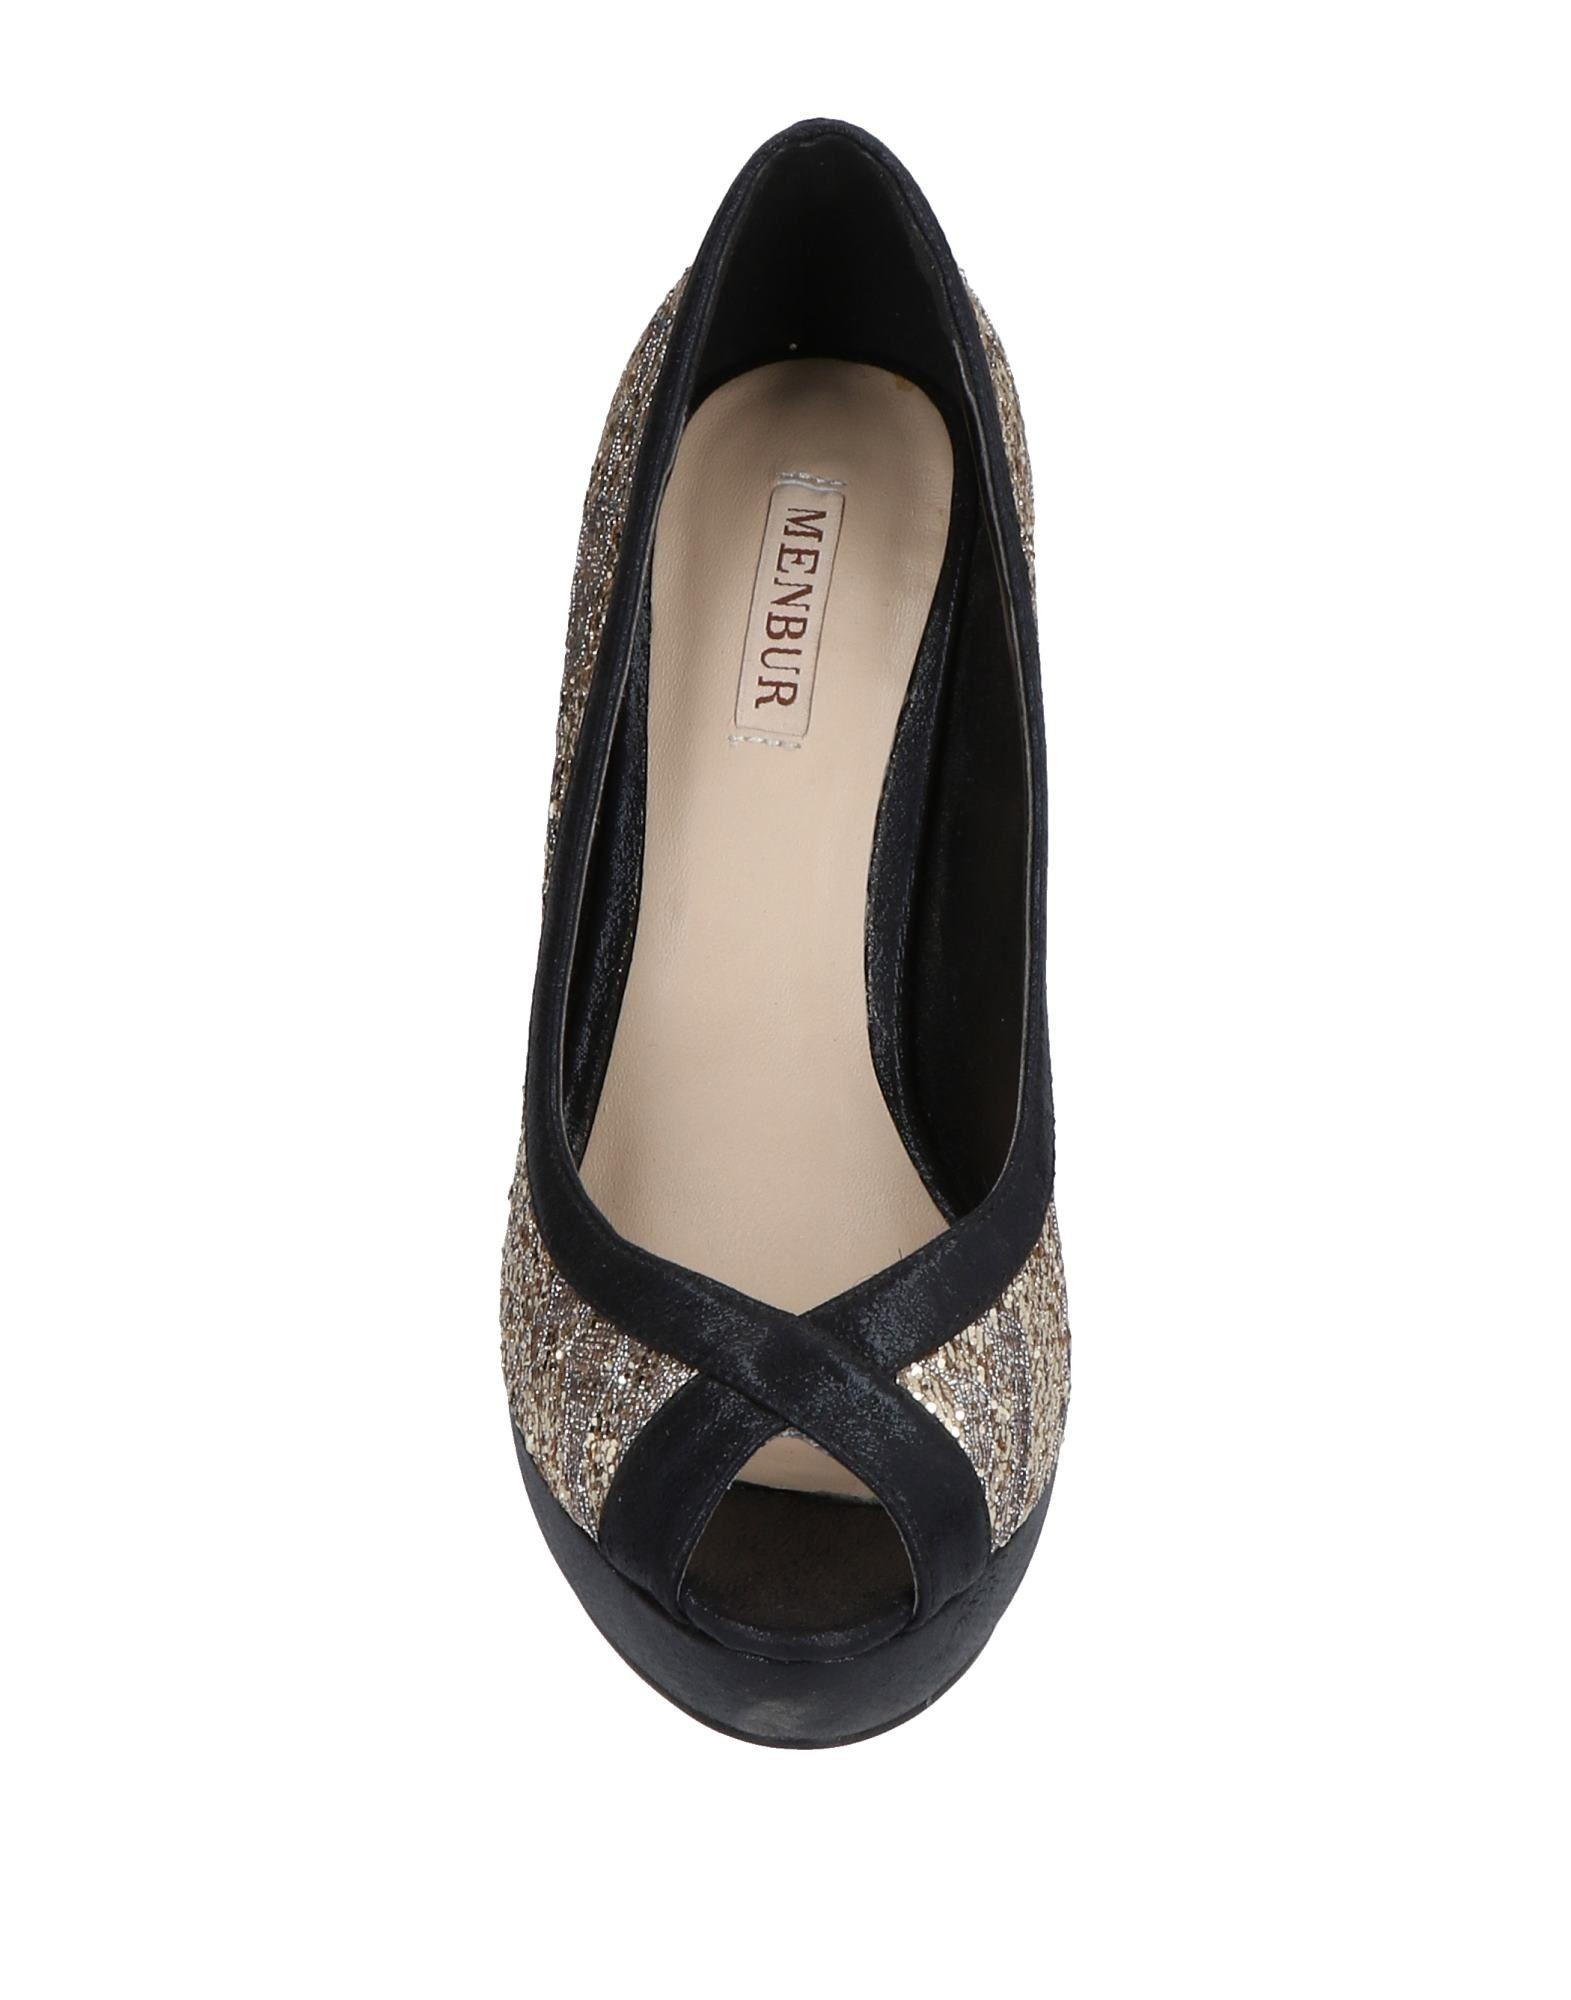 Menbur 11498646PM Pumps Damen  11498646PM Menbur Gute Qualität beliebte Schuhe 9db349